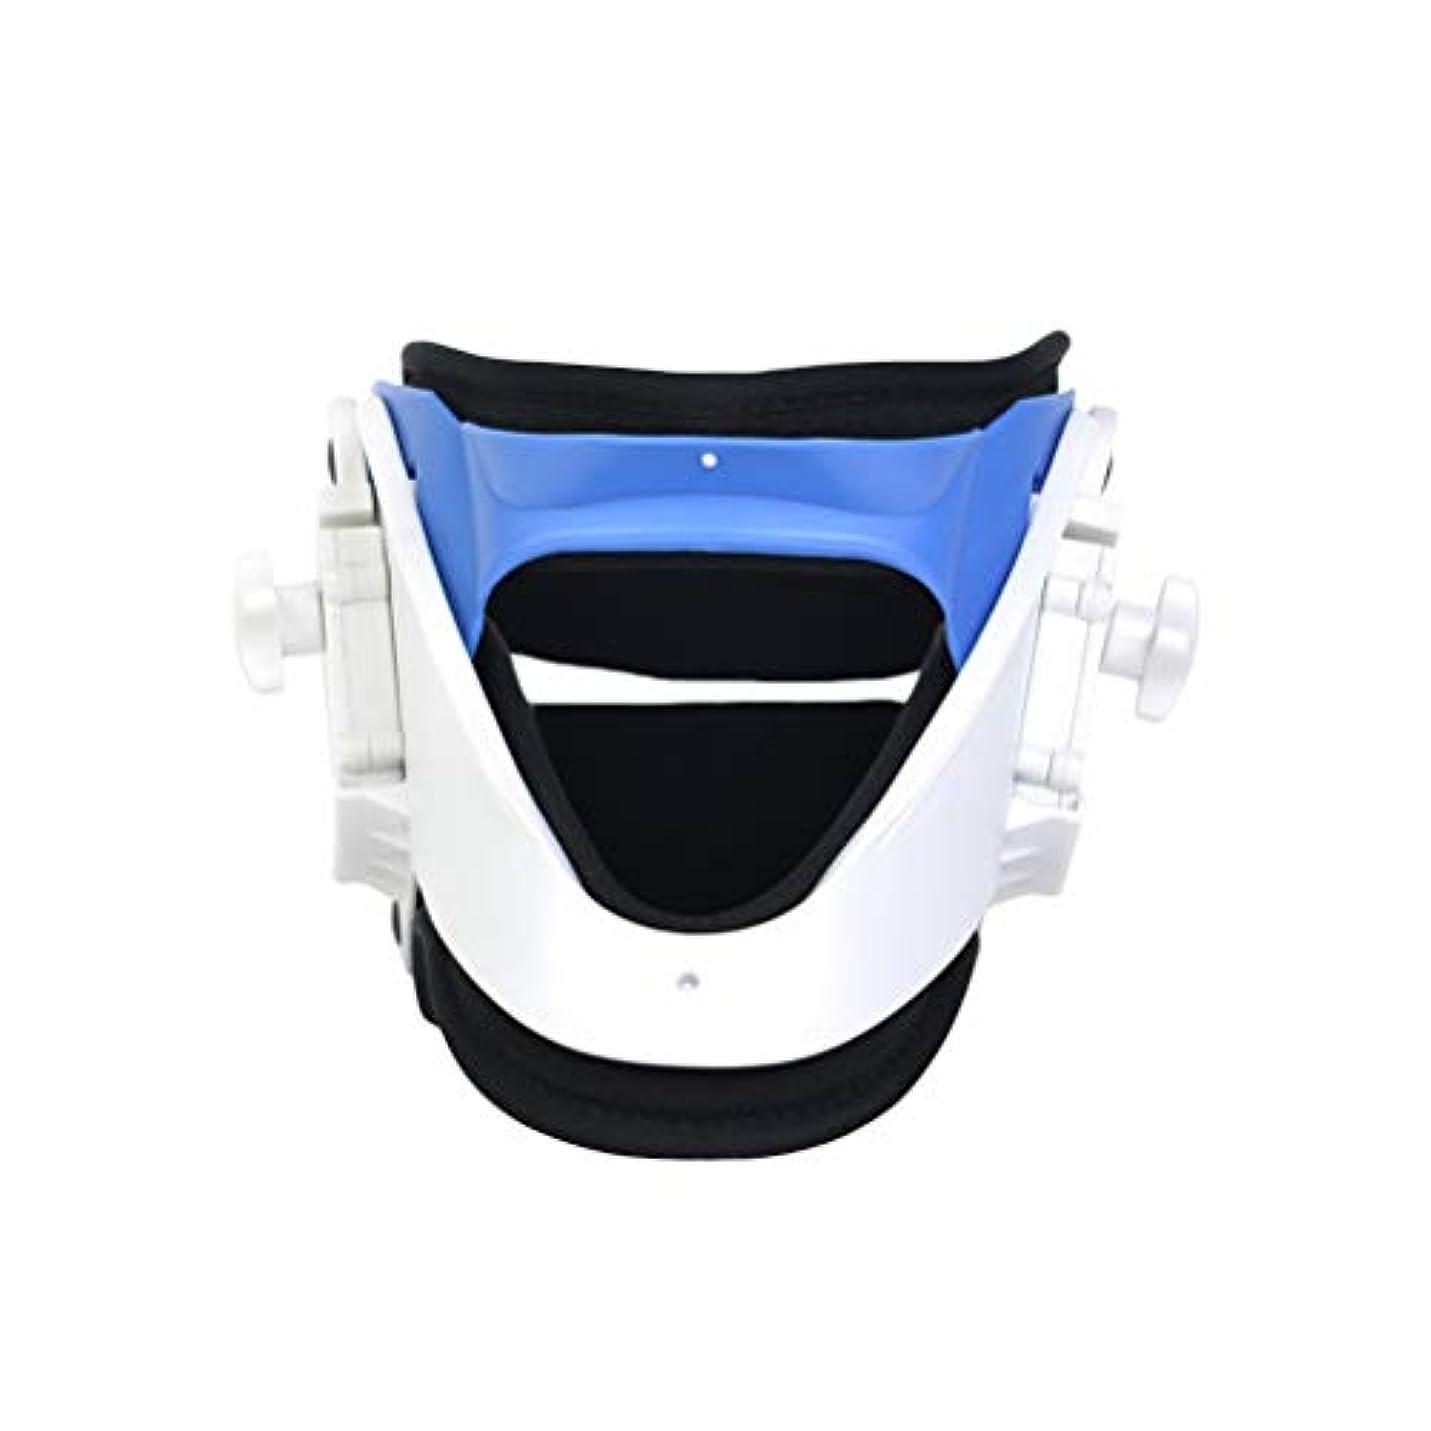 肩をすくめる笑い加速するHealifty堅い首の苦痛救助の傷害回復のための通気性の首サポート支柱調節可能な頚部つば